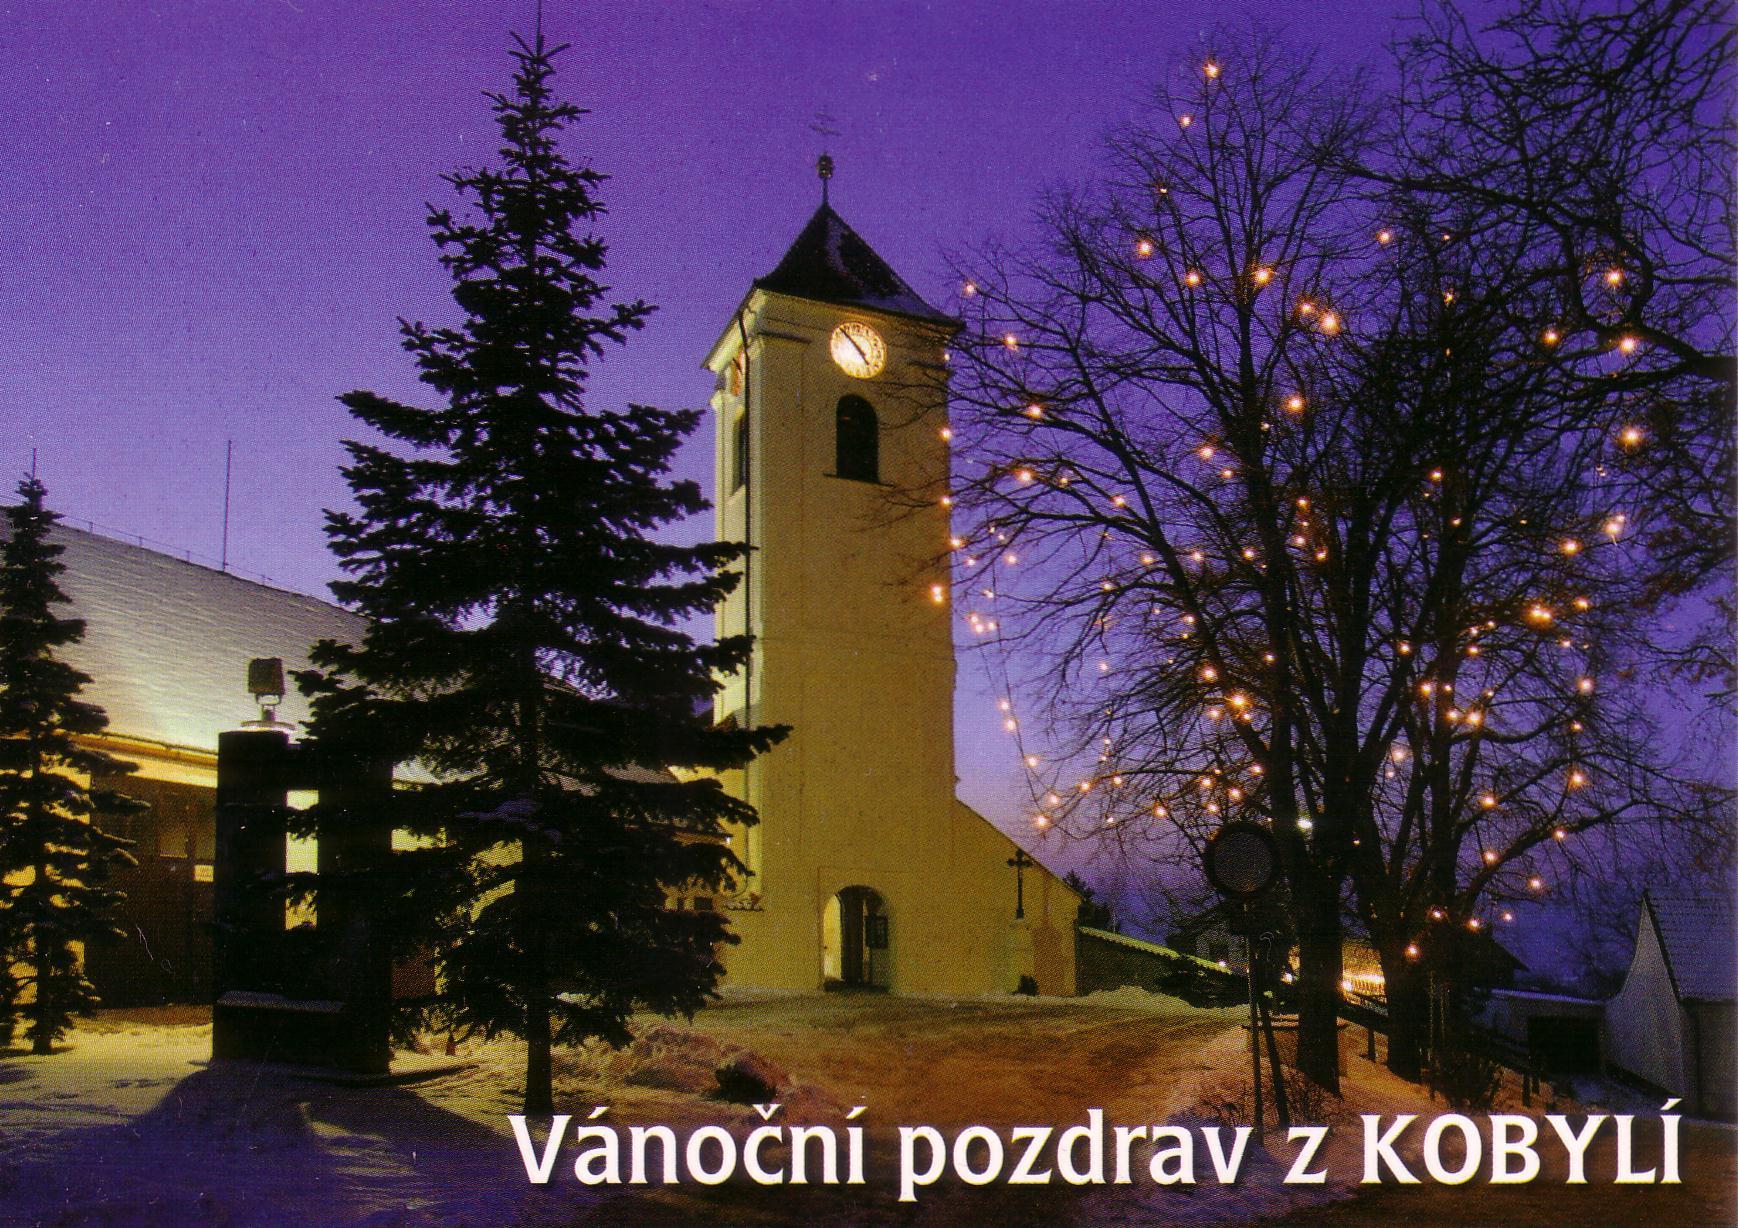 OBRÁZEK : vanocni_pozdrav.jpg